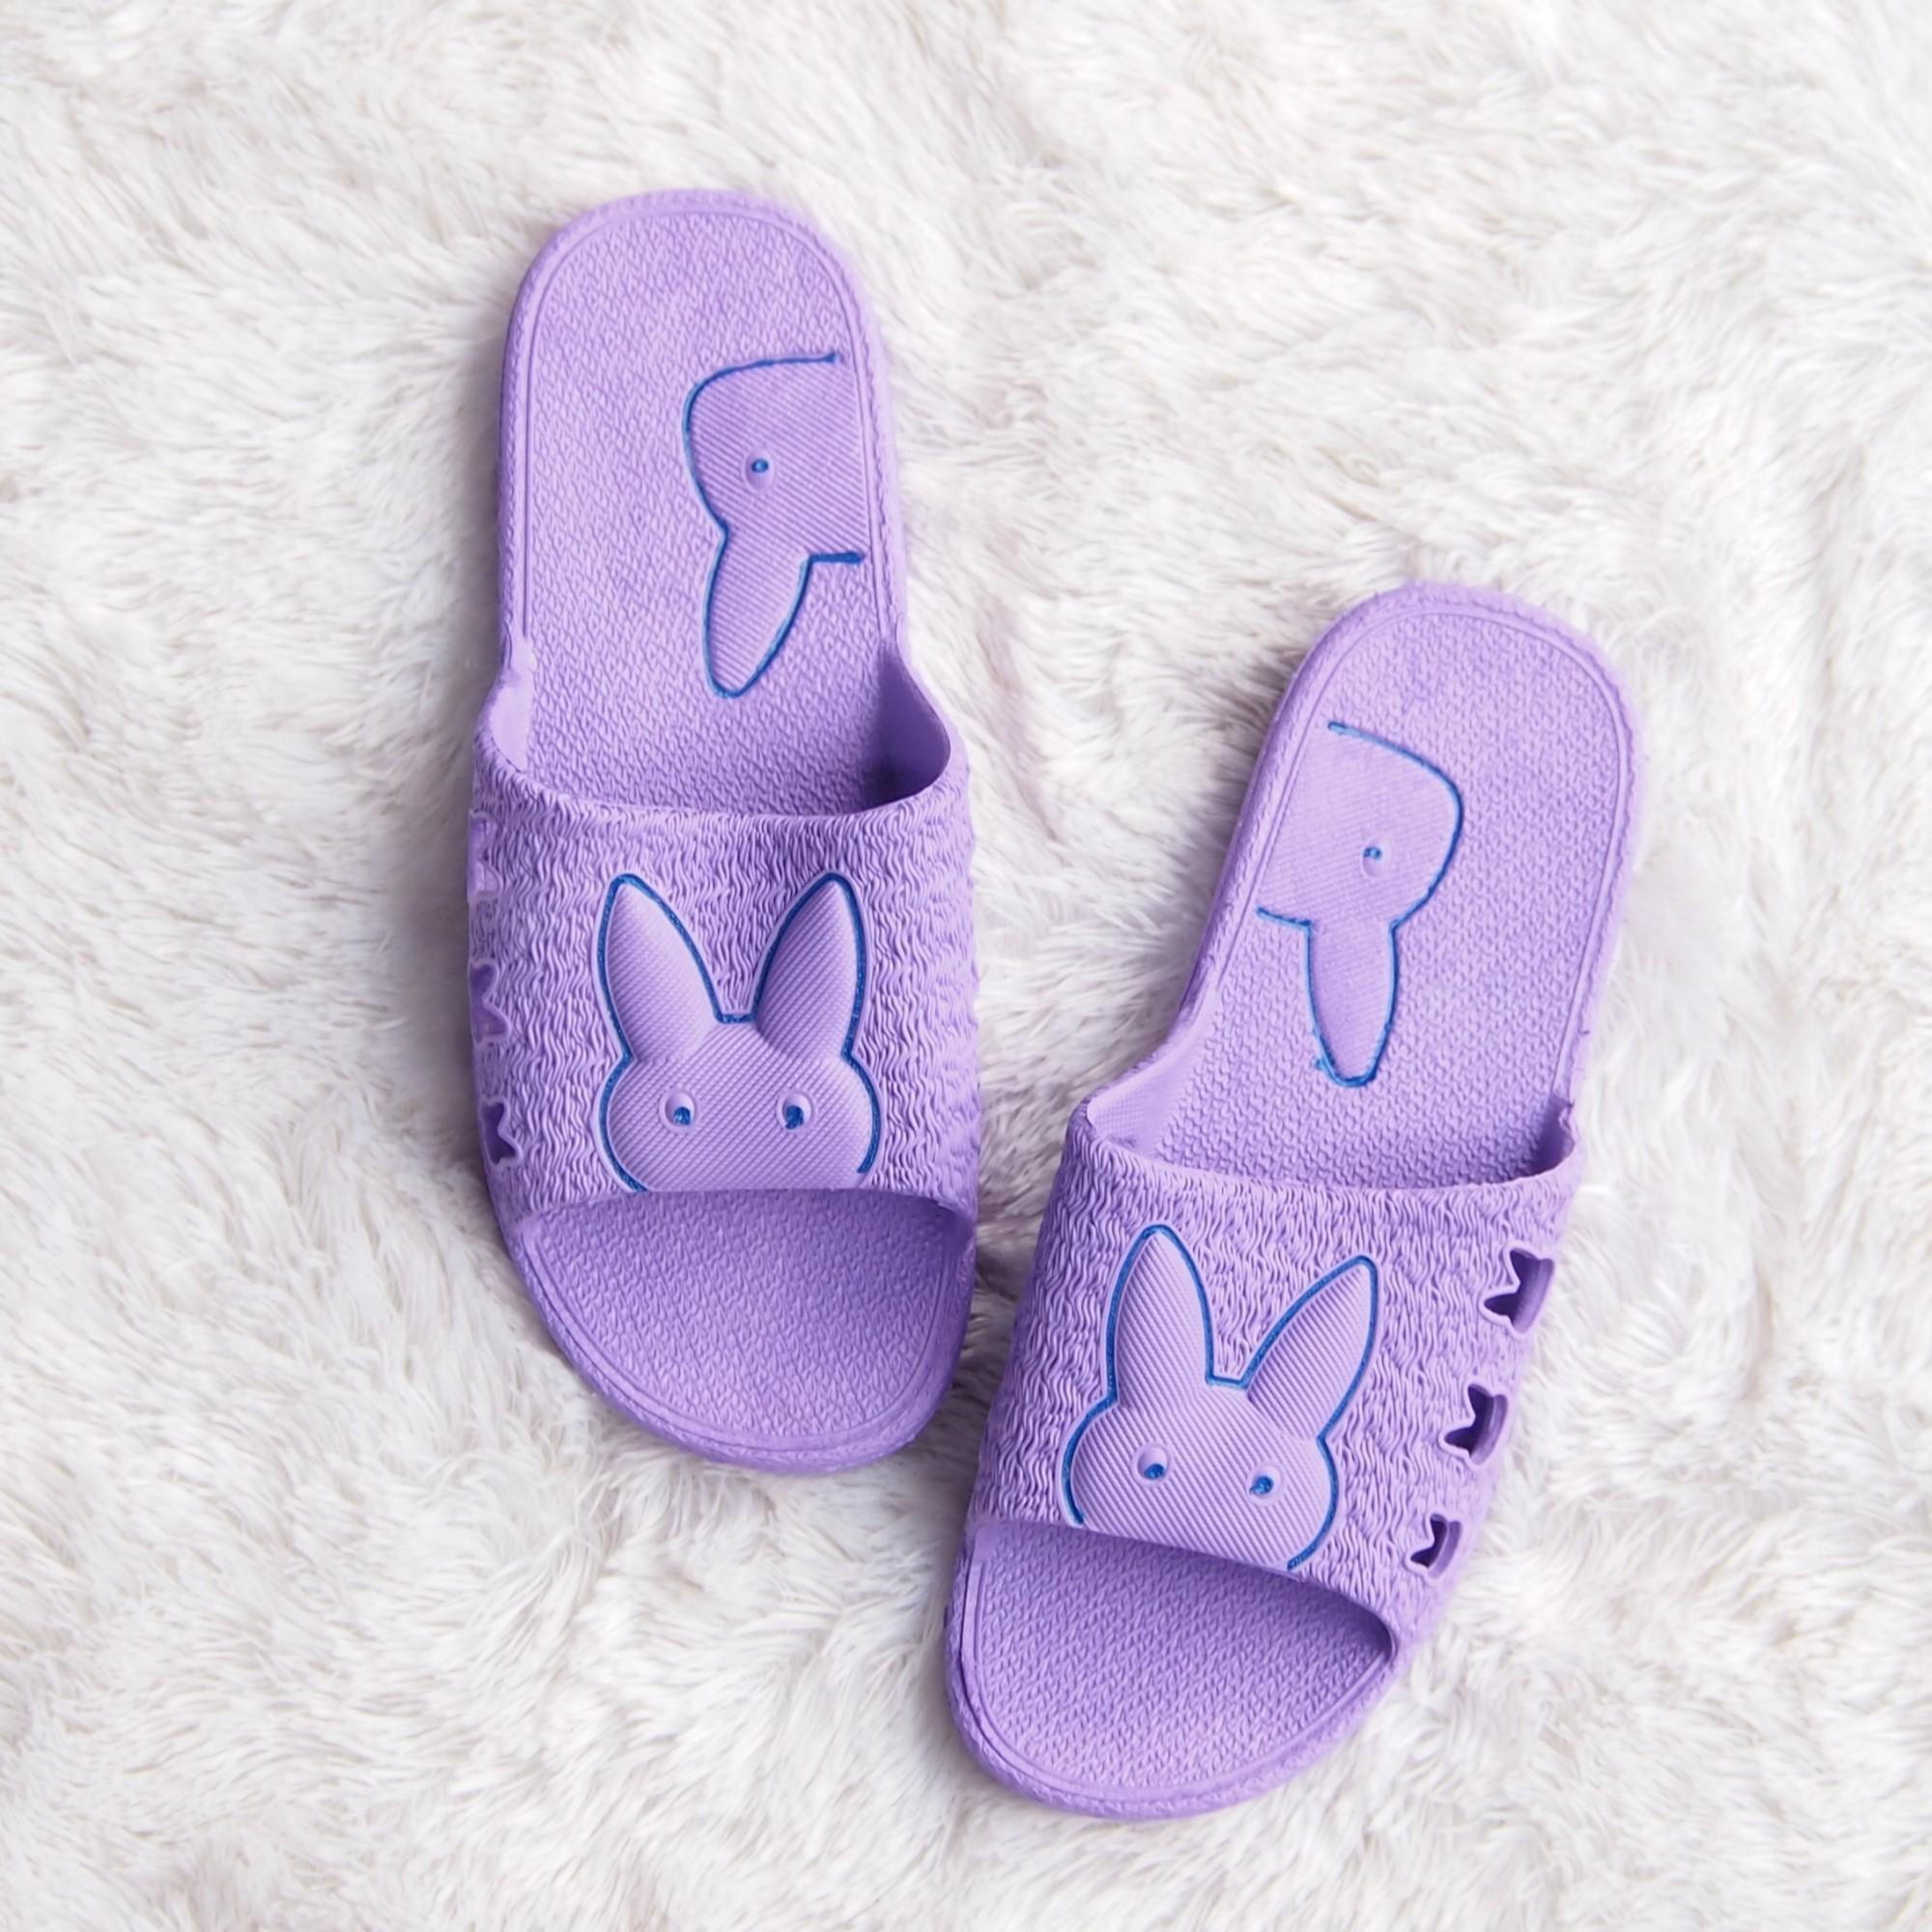 Termurah-Best Bunny Sandal anti licin Sandal Jelly Wanita EUK90